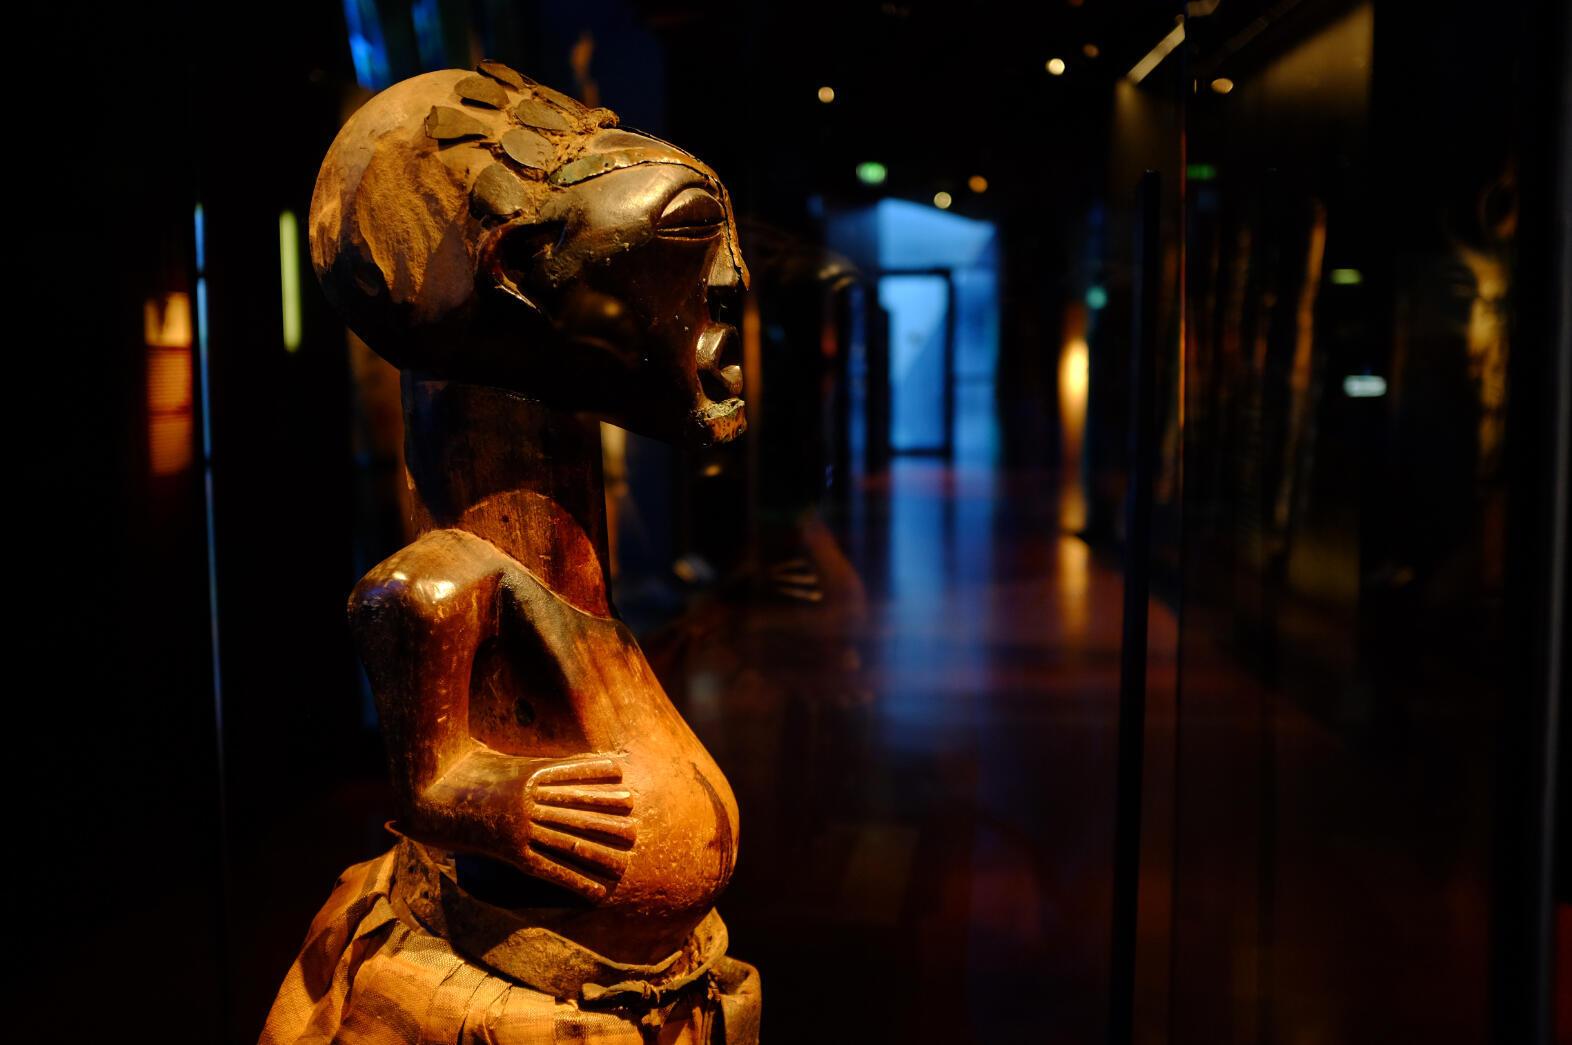 Estatua nkishi del siglo XVII, actual República democrática del Congo, Museo del Quai branly